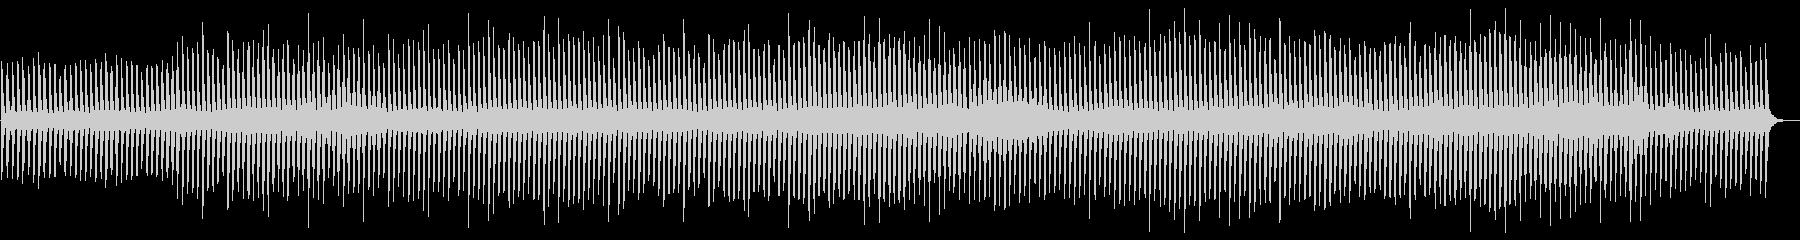 ミニマルっぽいソロピアノの未再生の波形